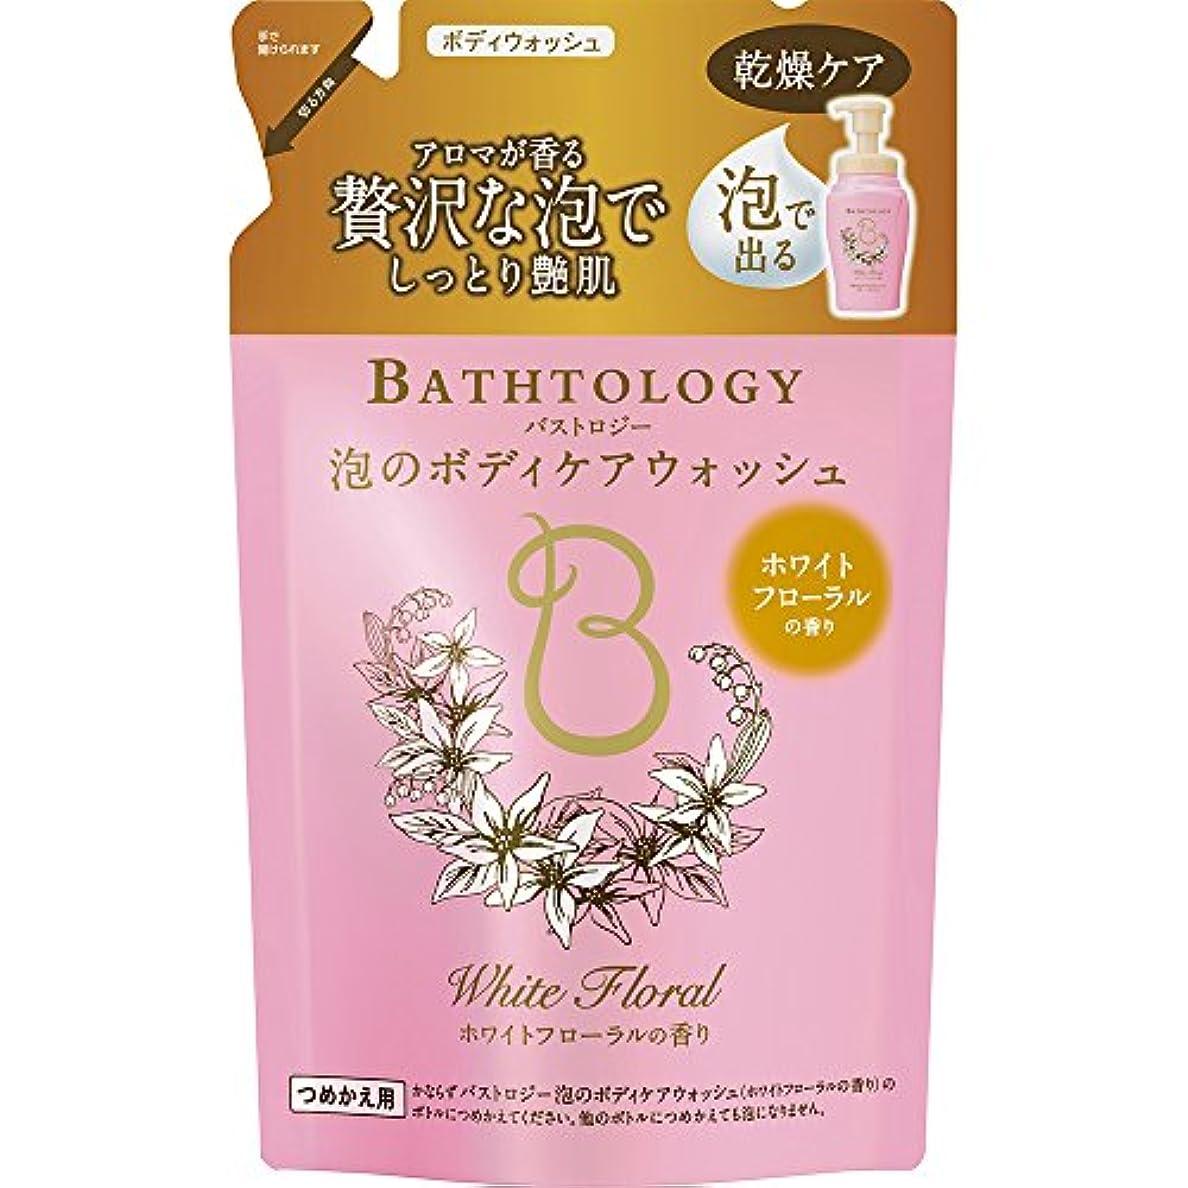 フレア公式ジャーナリストBATHTOLOGY 泡のボディケアウォッシュ ホワイトフローラルの香り 詰め替え 350ml